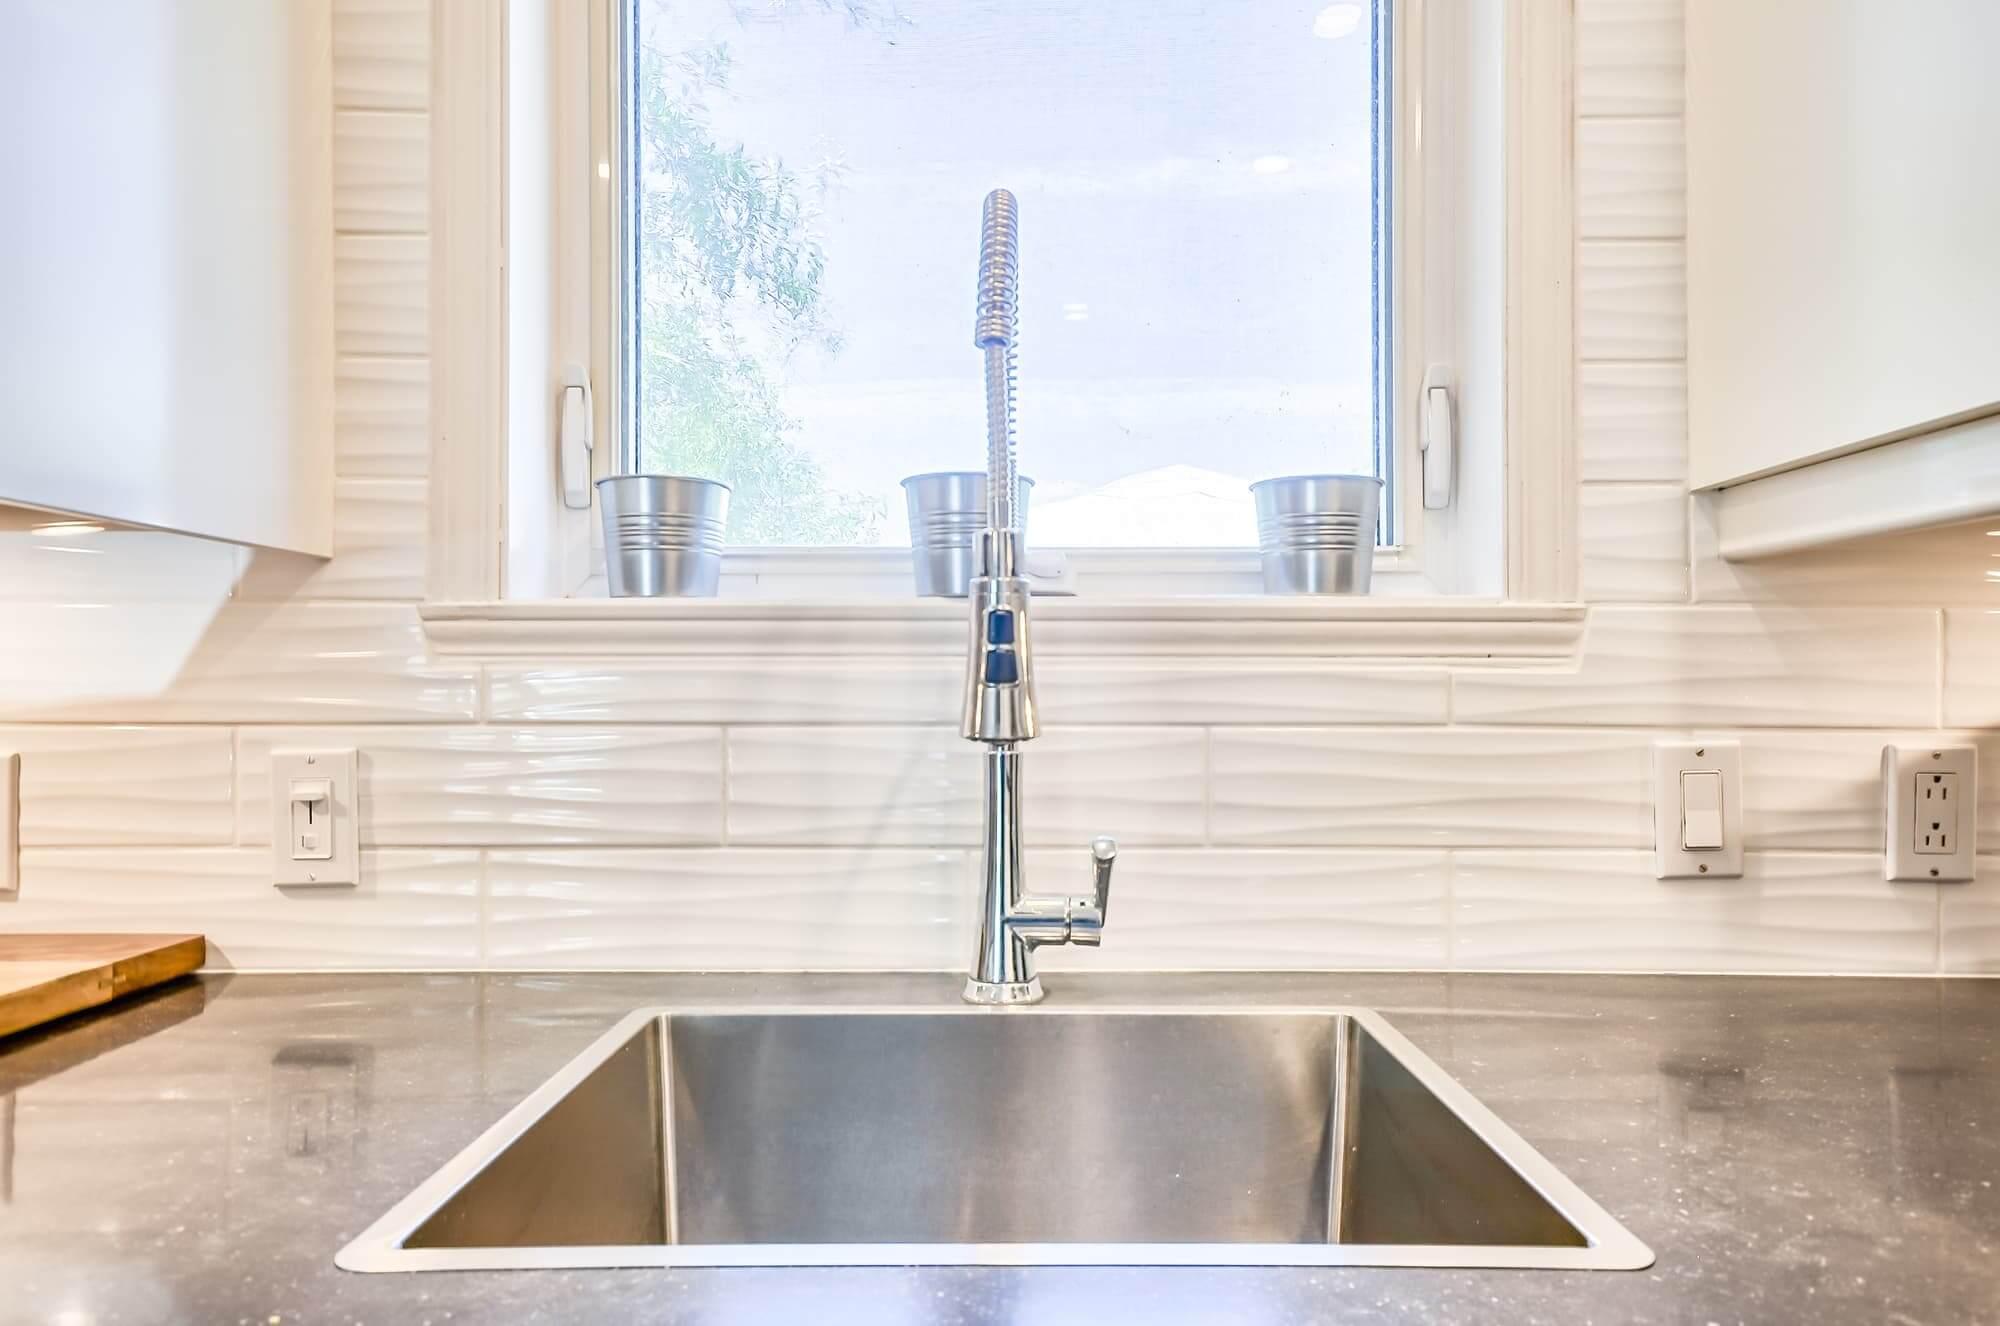 lavabo de cuisine en stainless encastré